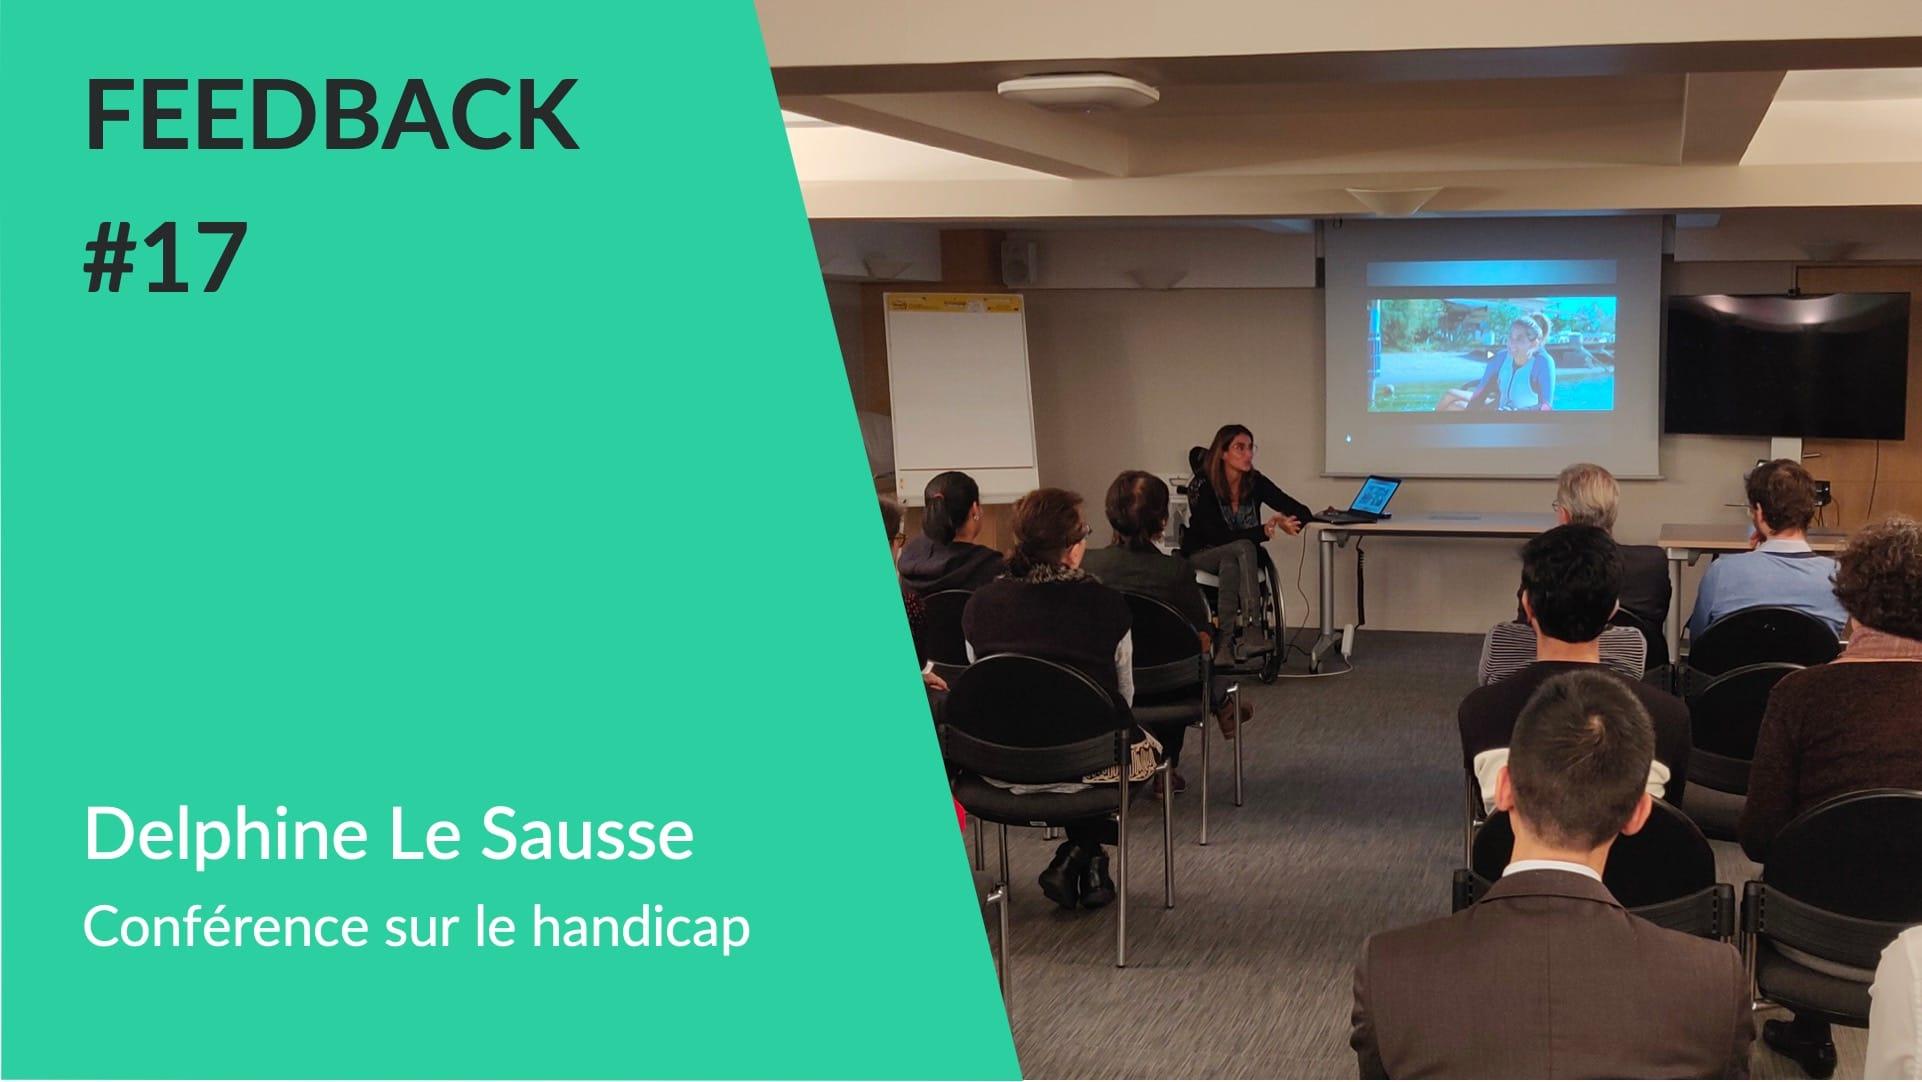 Conférence Delphine Le Sausse sur le handicap - Feedback